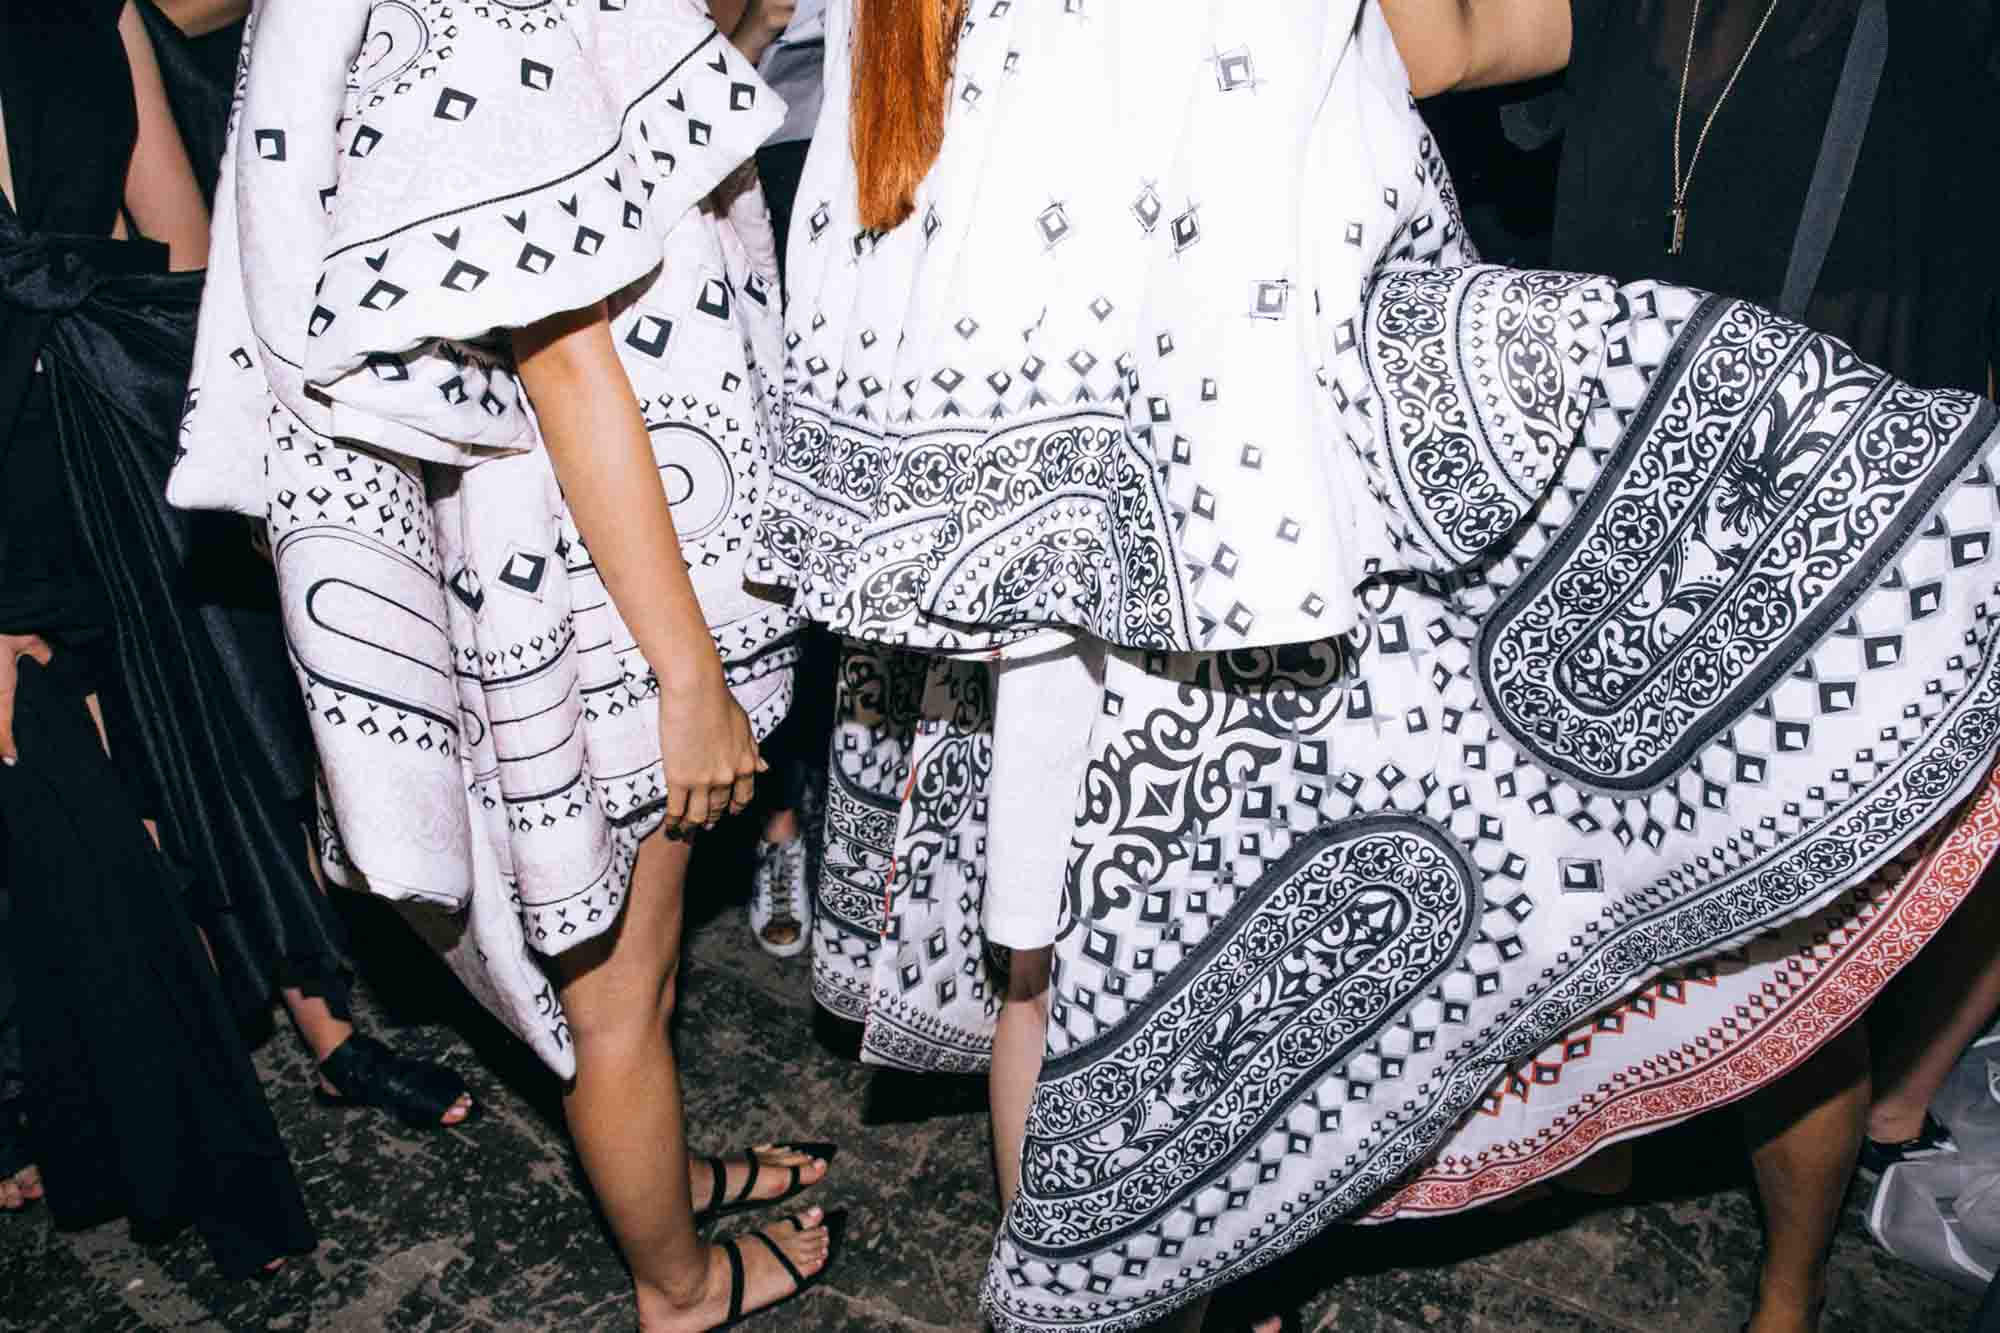 אופנה, חדשות אופנה, כתבות אפנה, שנקר 2019, נטע איטח, צילום עדי סגל, Backstage_at_Shenkar_fashion_show_2019._Photo_Adi_Segal_-_Netta_Ittah_collection_(2)